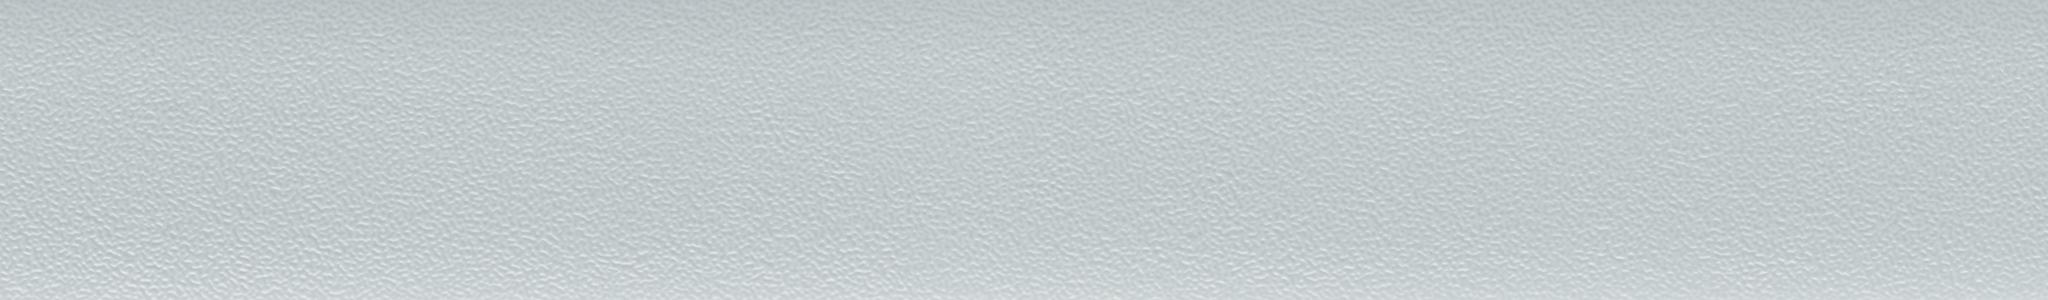 HU 171047 ABS Kante UNI Grau perl 101